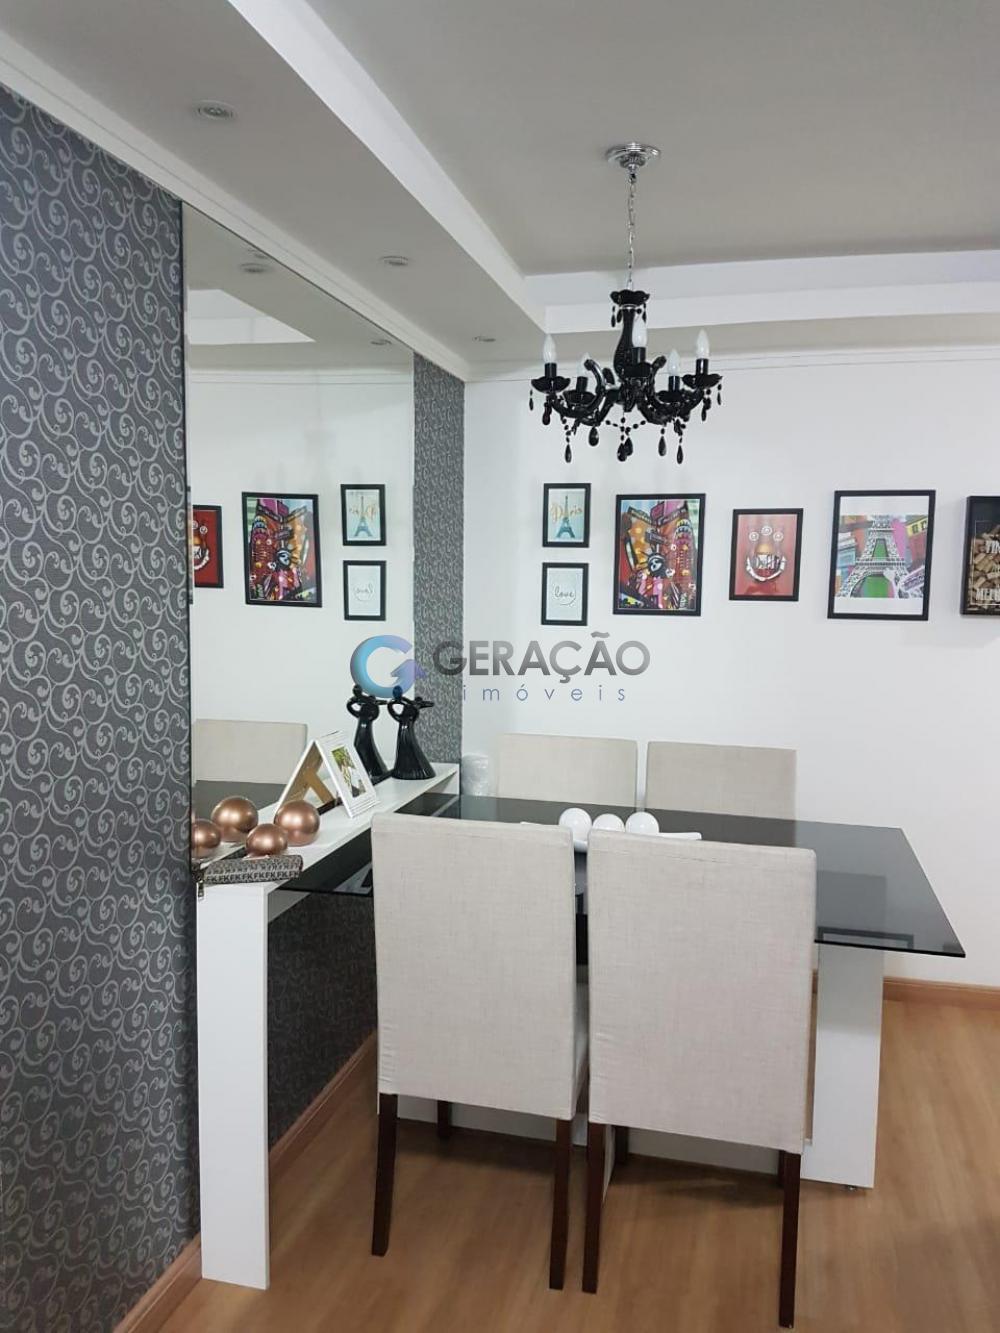 Comprar Apartamento / Padrão em São José dos Campos apenas R$ 230.000,00 - Foto 2